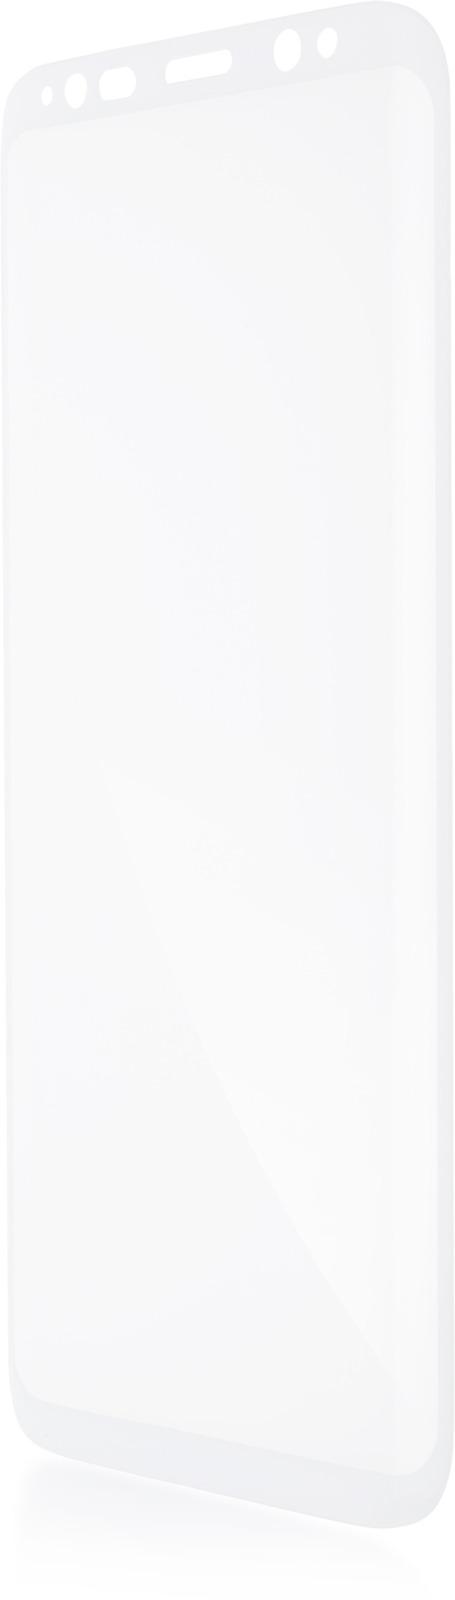 Защитное стекло Brosco 3D для Samsung Galaxy S8 Plus, белый защитное стекло для samsung galaxy s8 sm g950 onext 3d изогнутое по форме дисплея с прозрачной рамкой